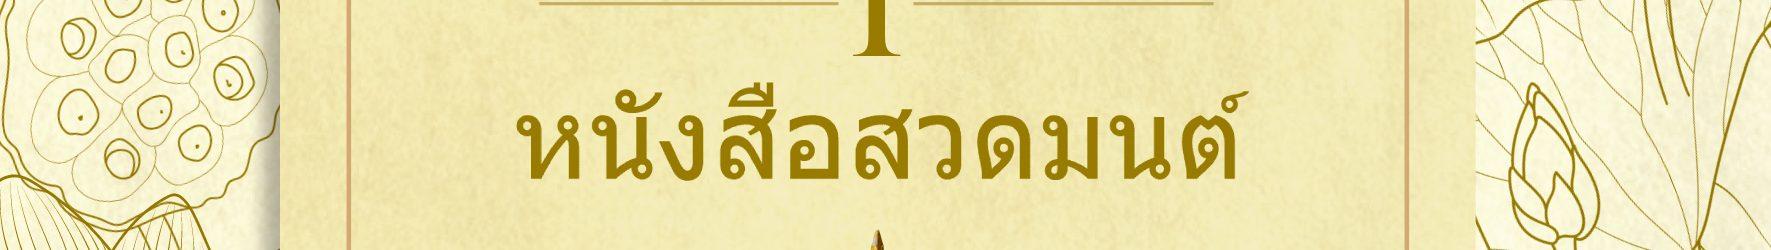 Preghiere Buddhiste 1